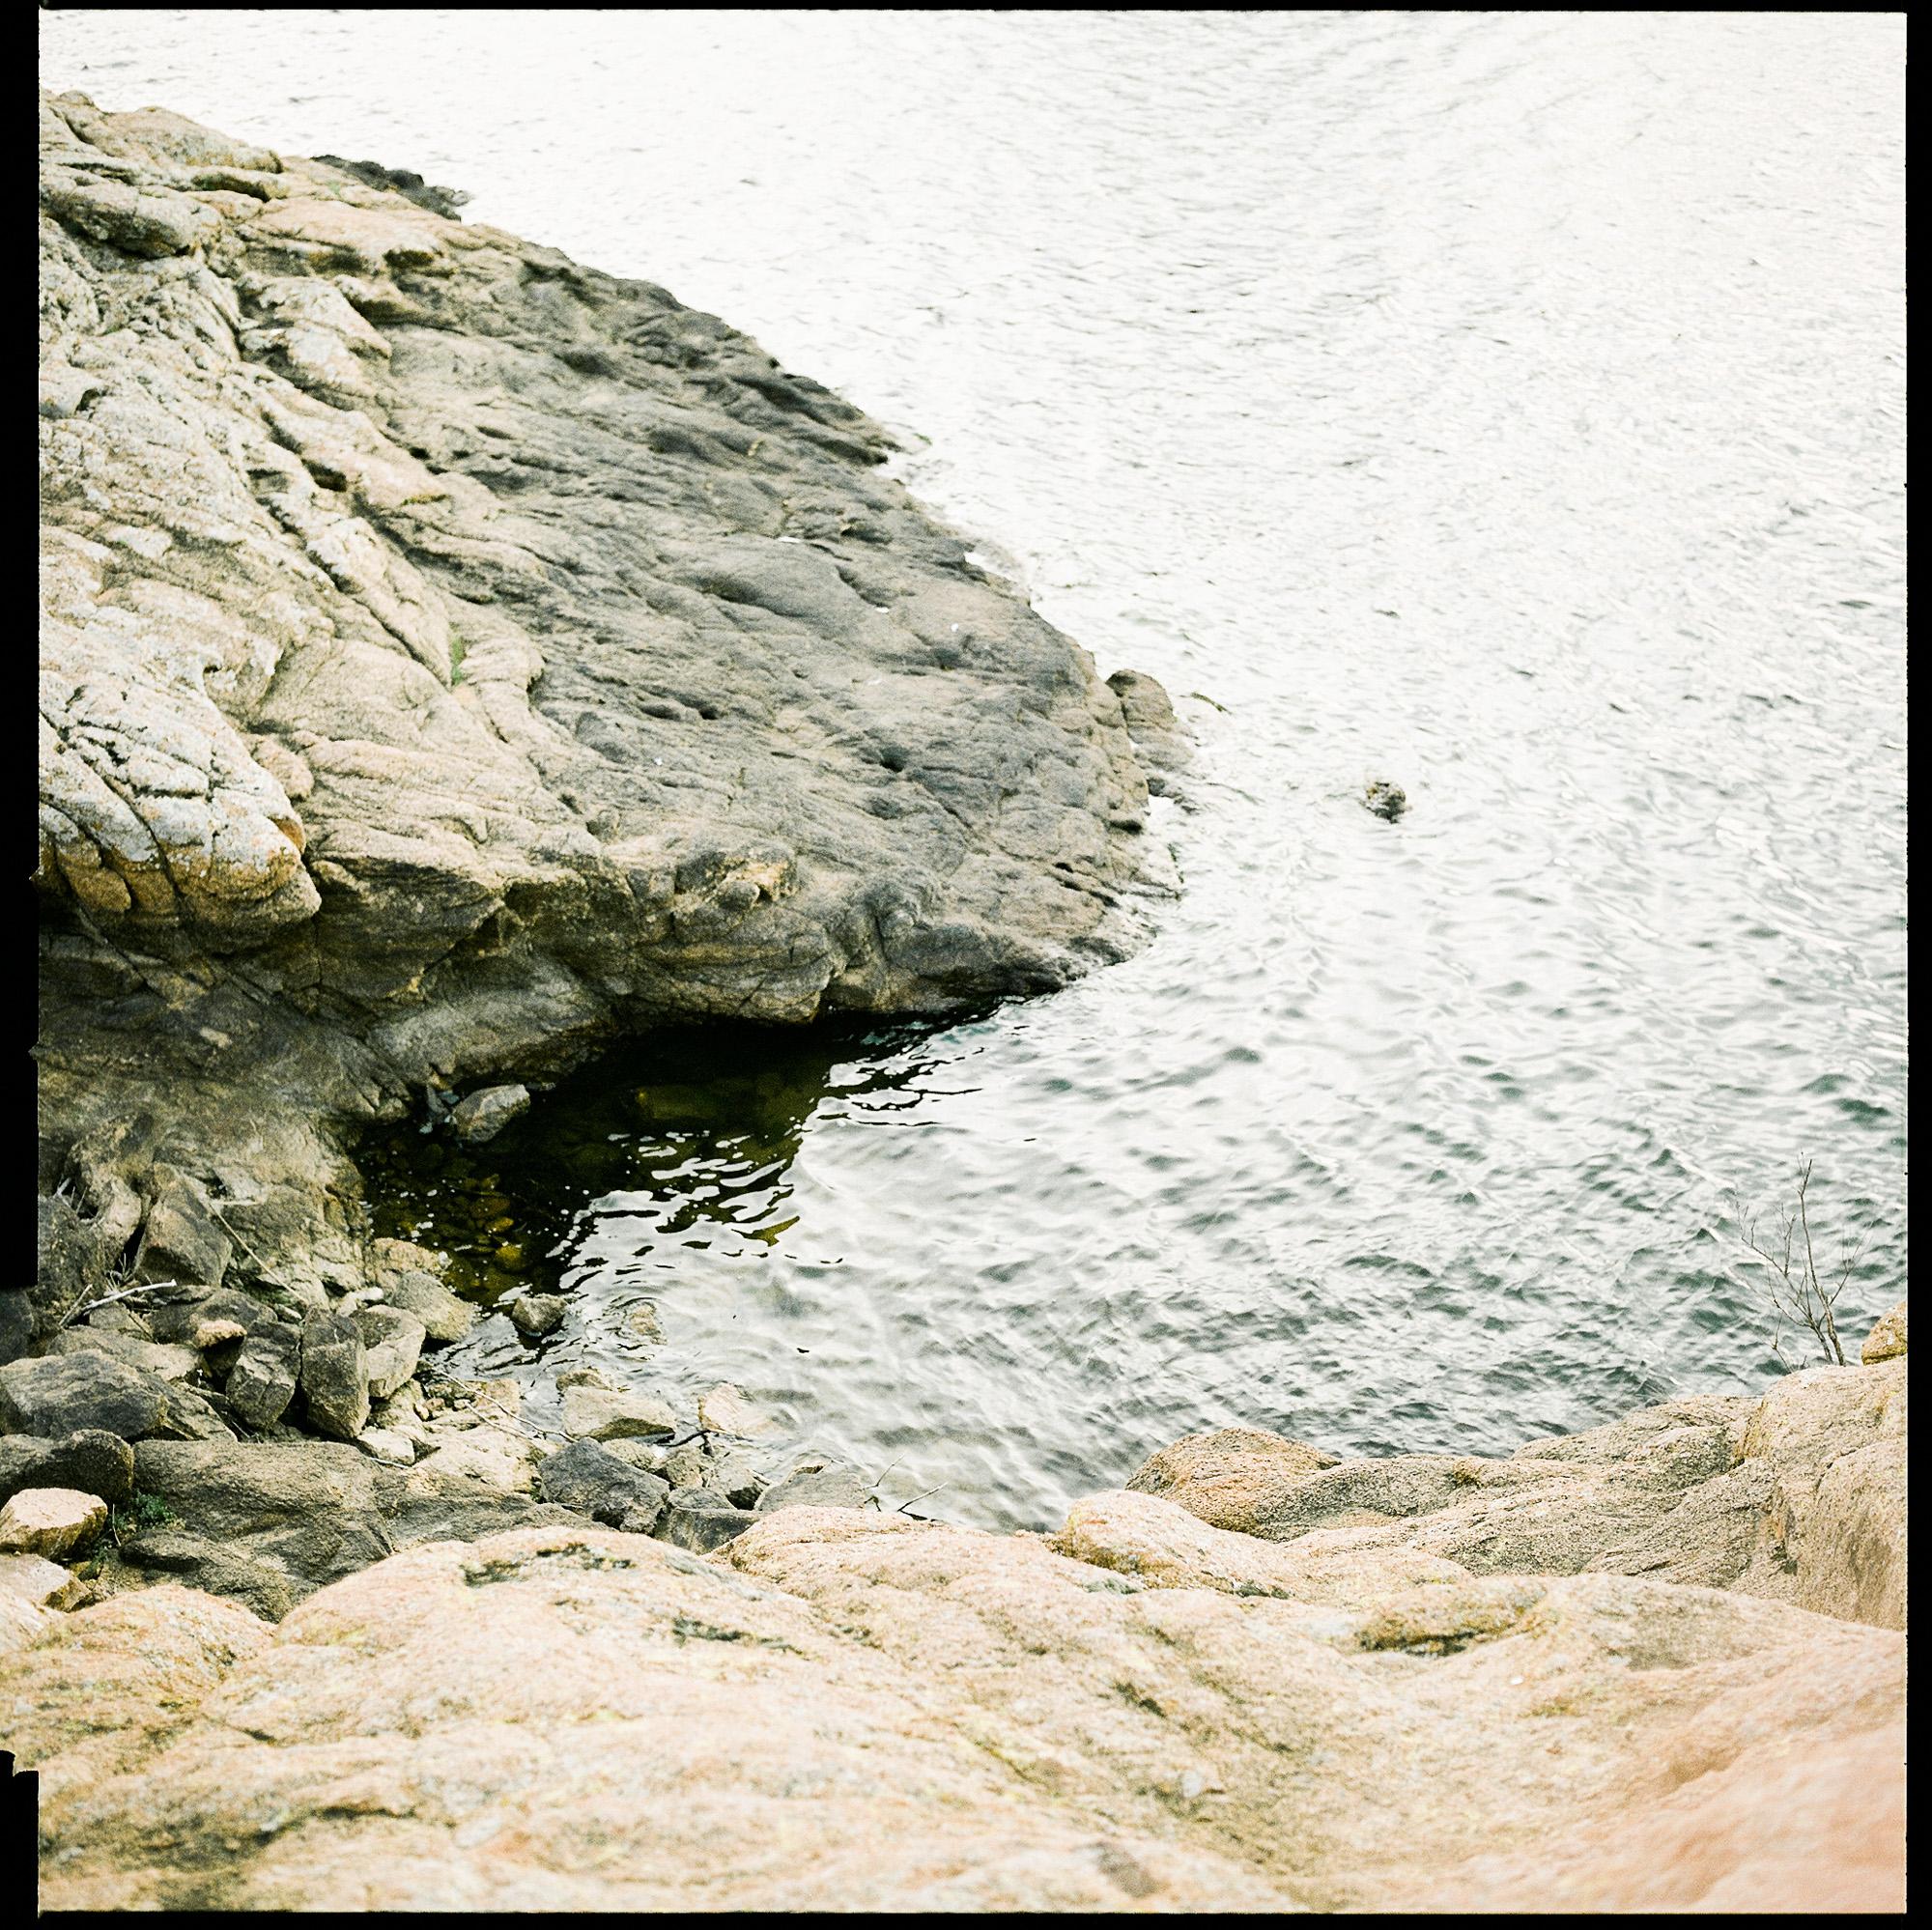 okcfilmweddingphotographer-541.jpg